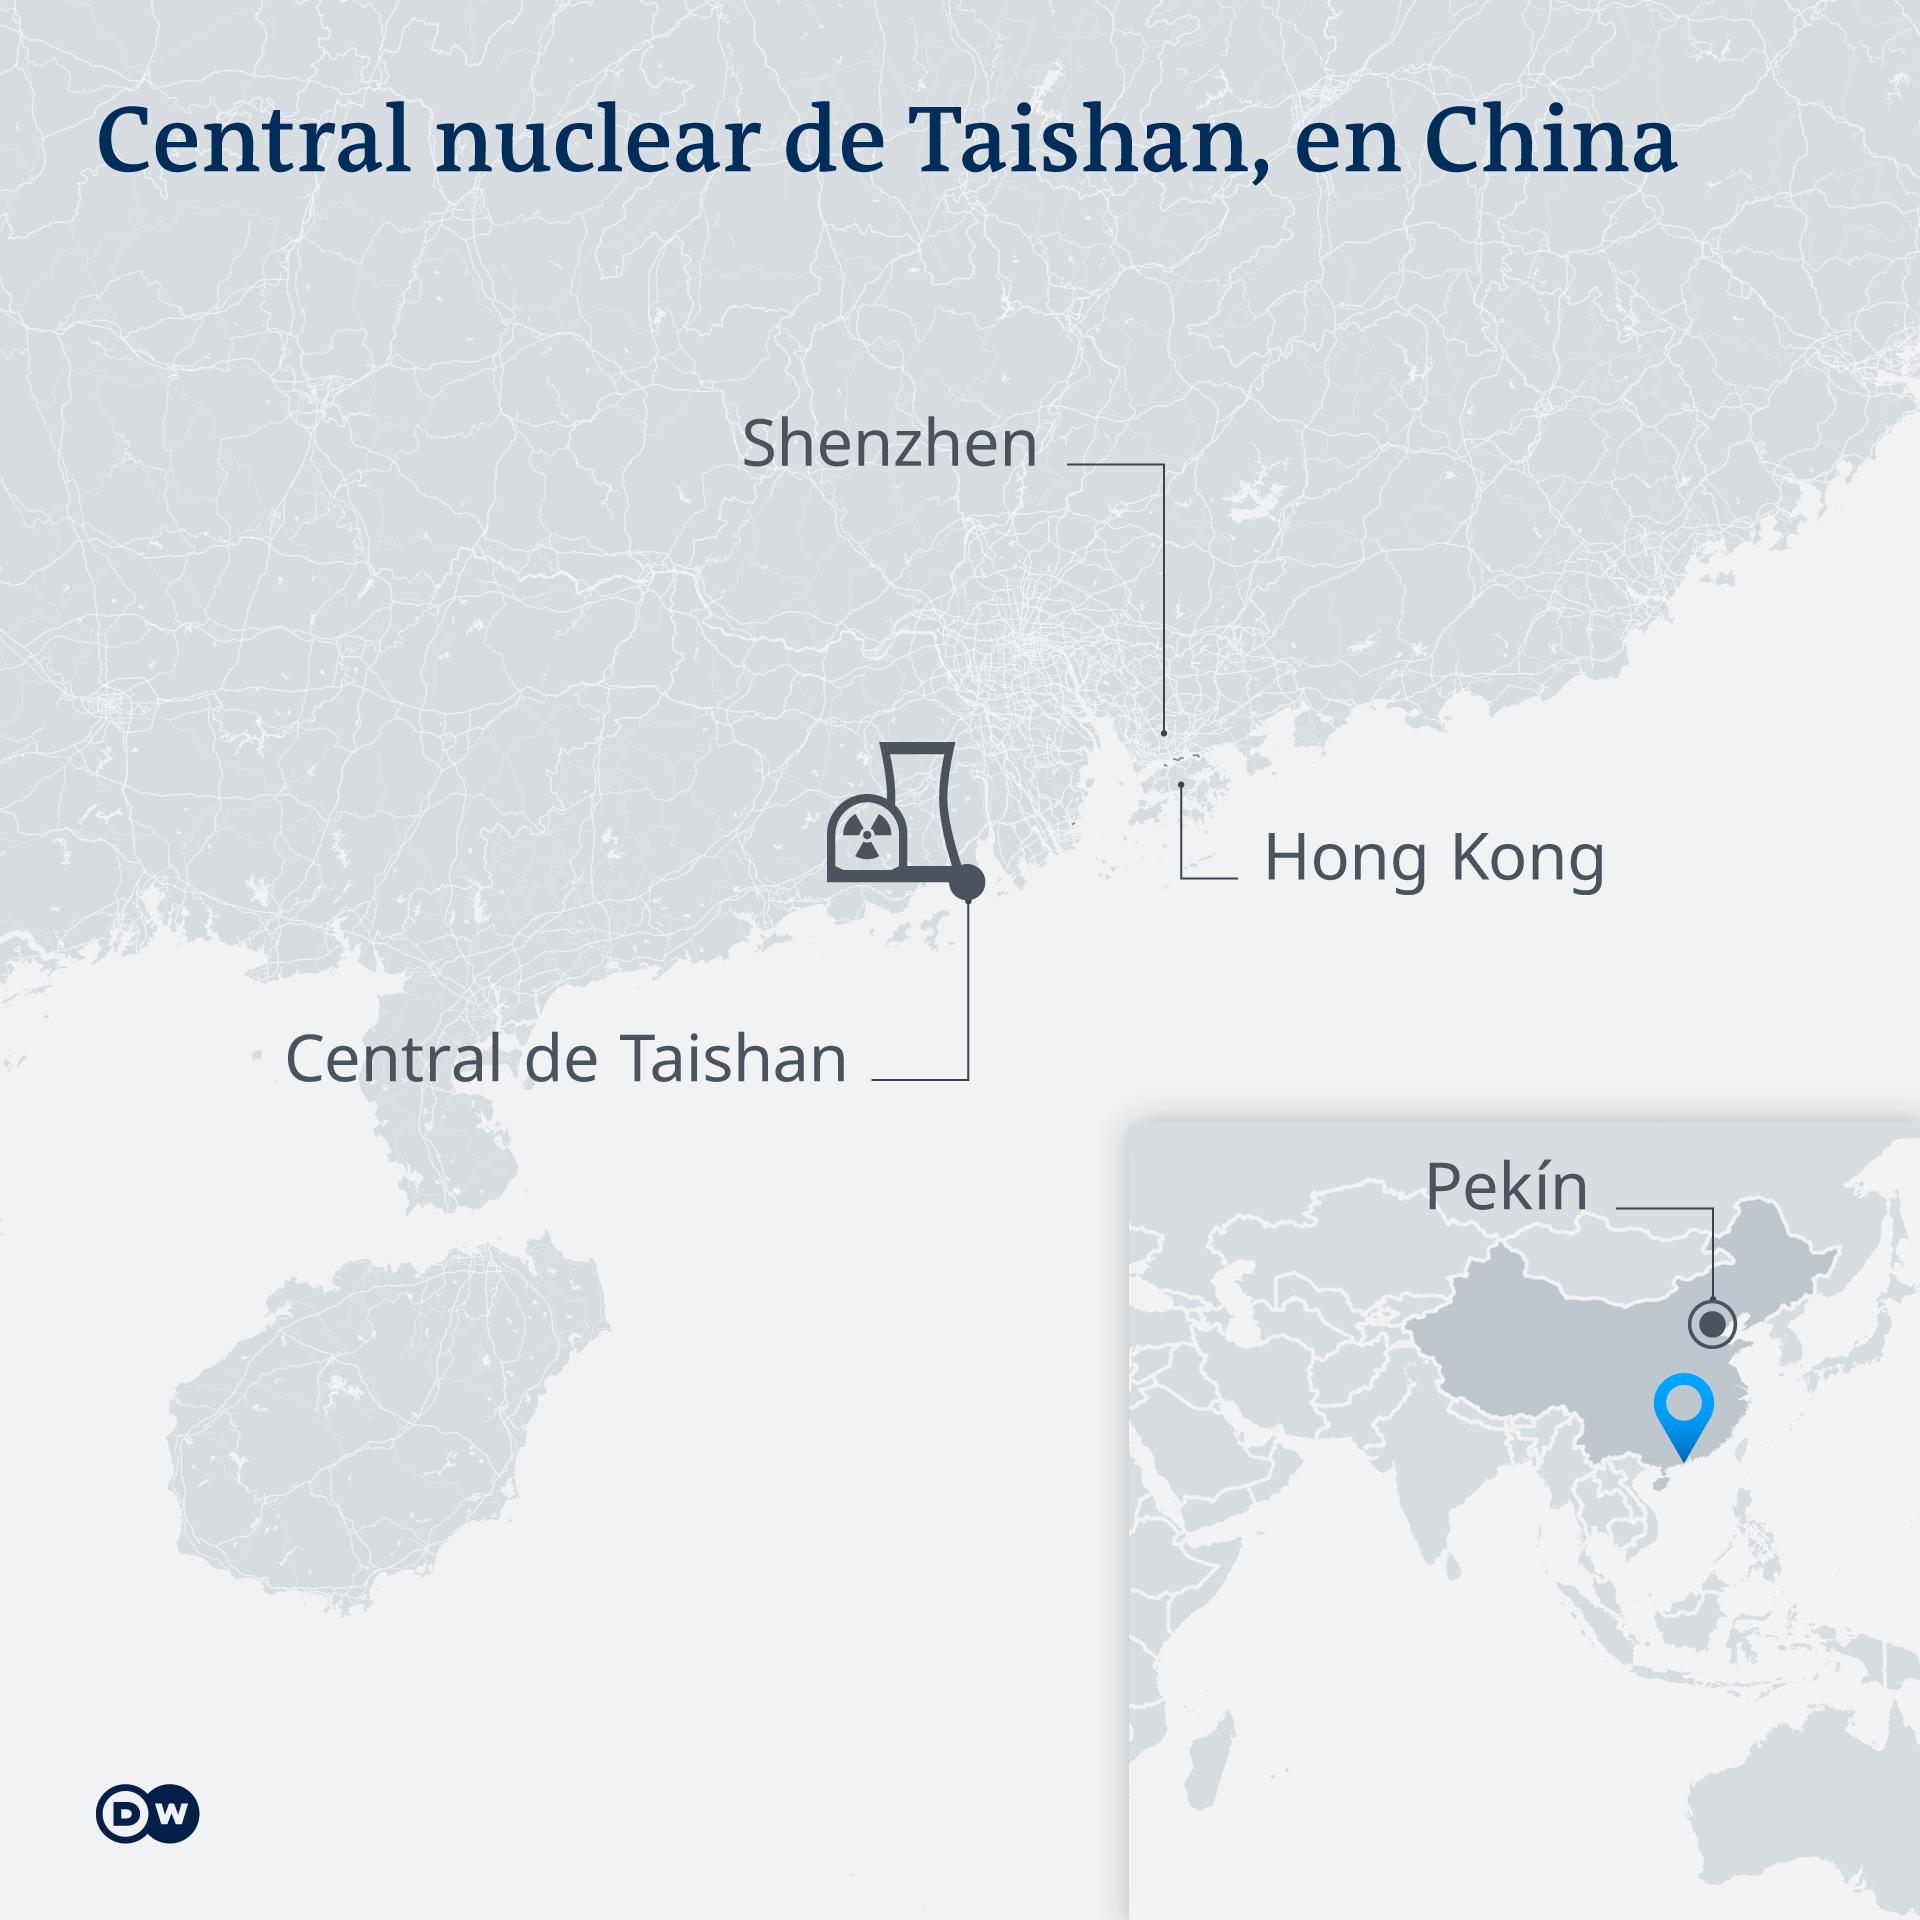 Central de Taishan, China